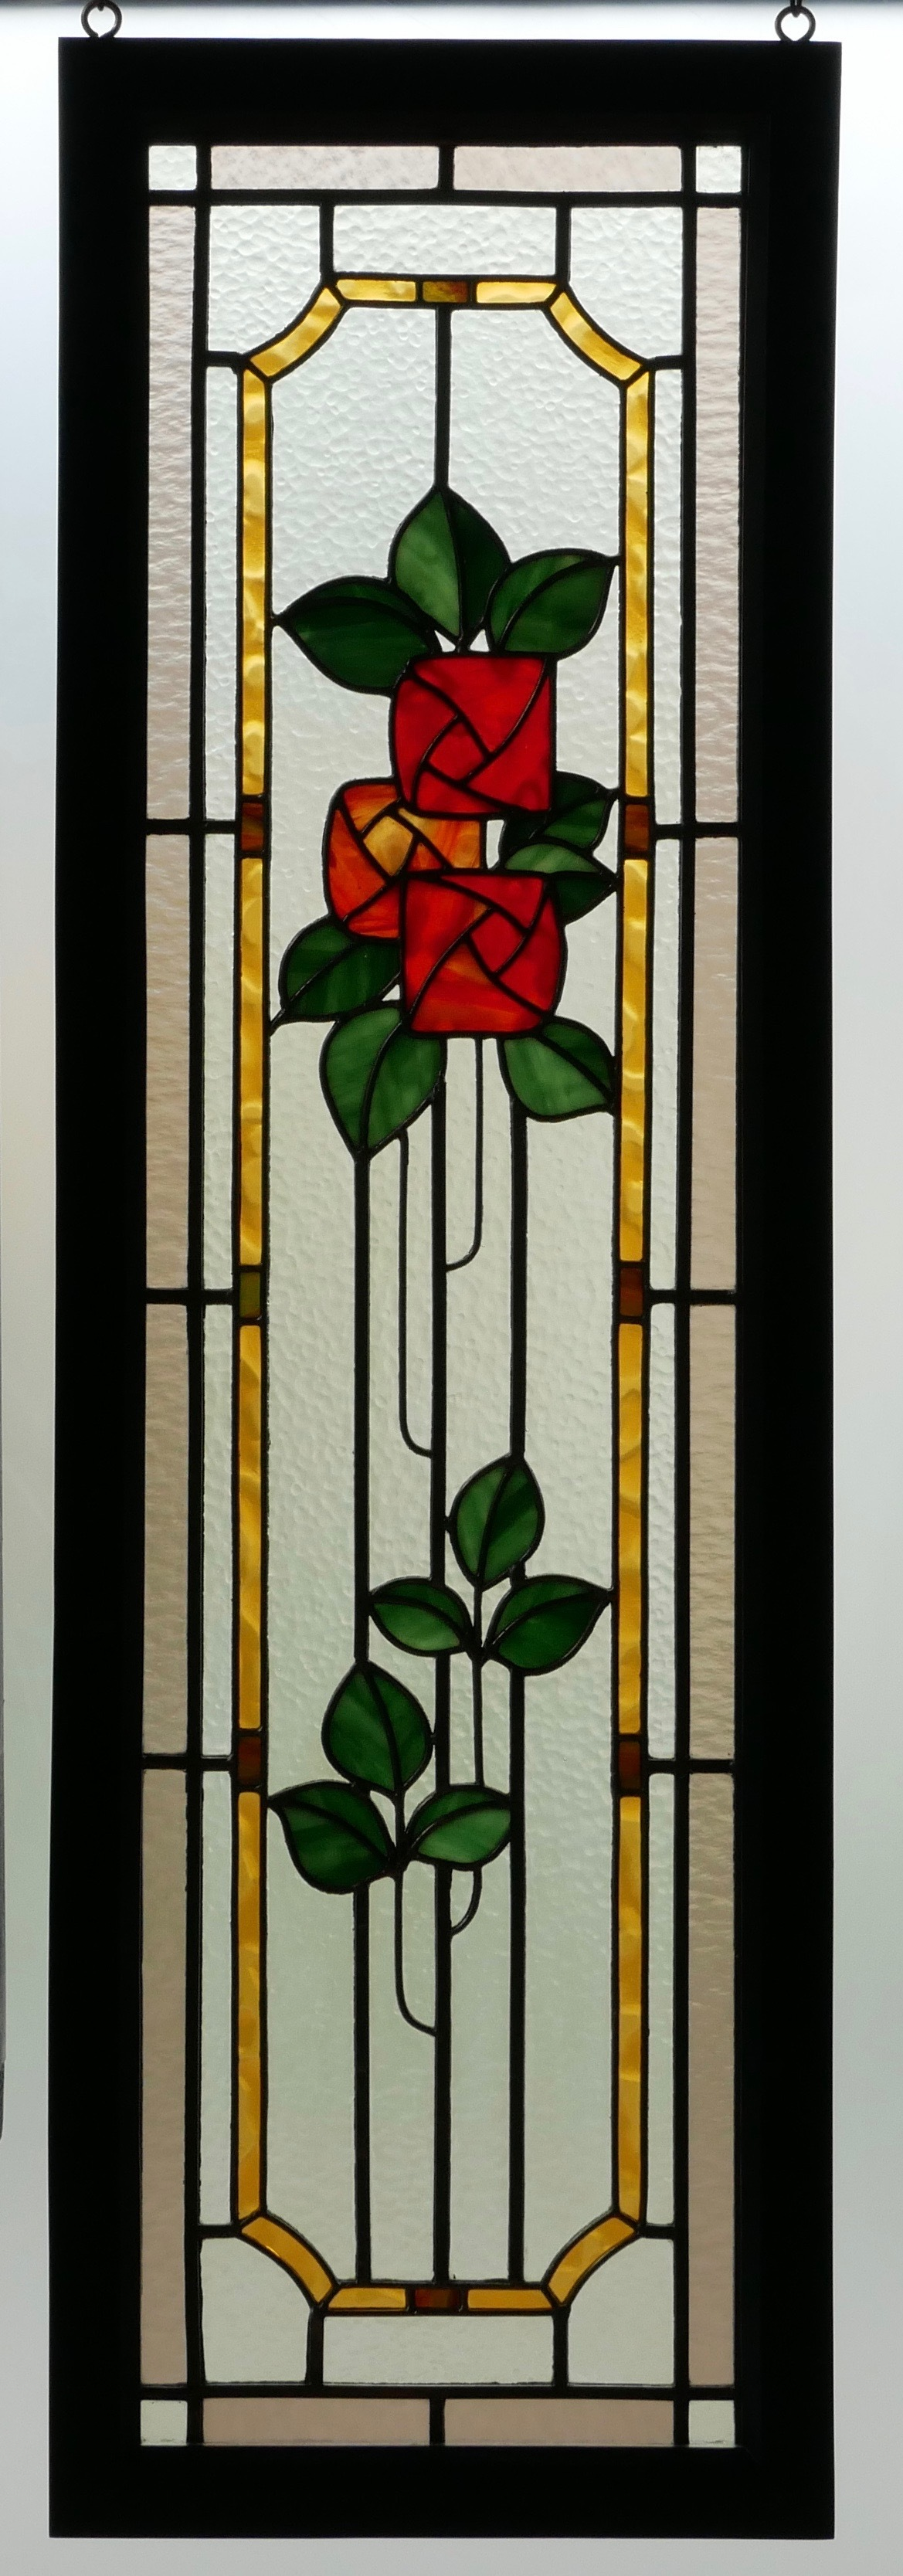 パネル 「アンティークスタイルのバラ」